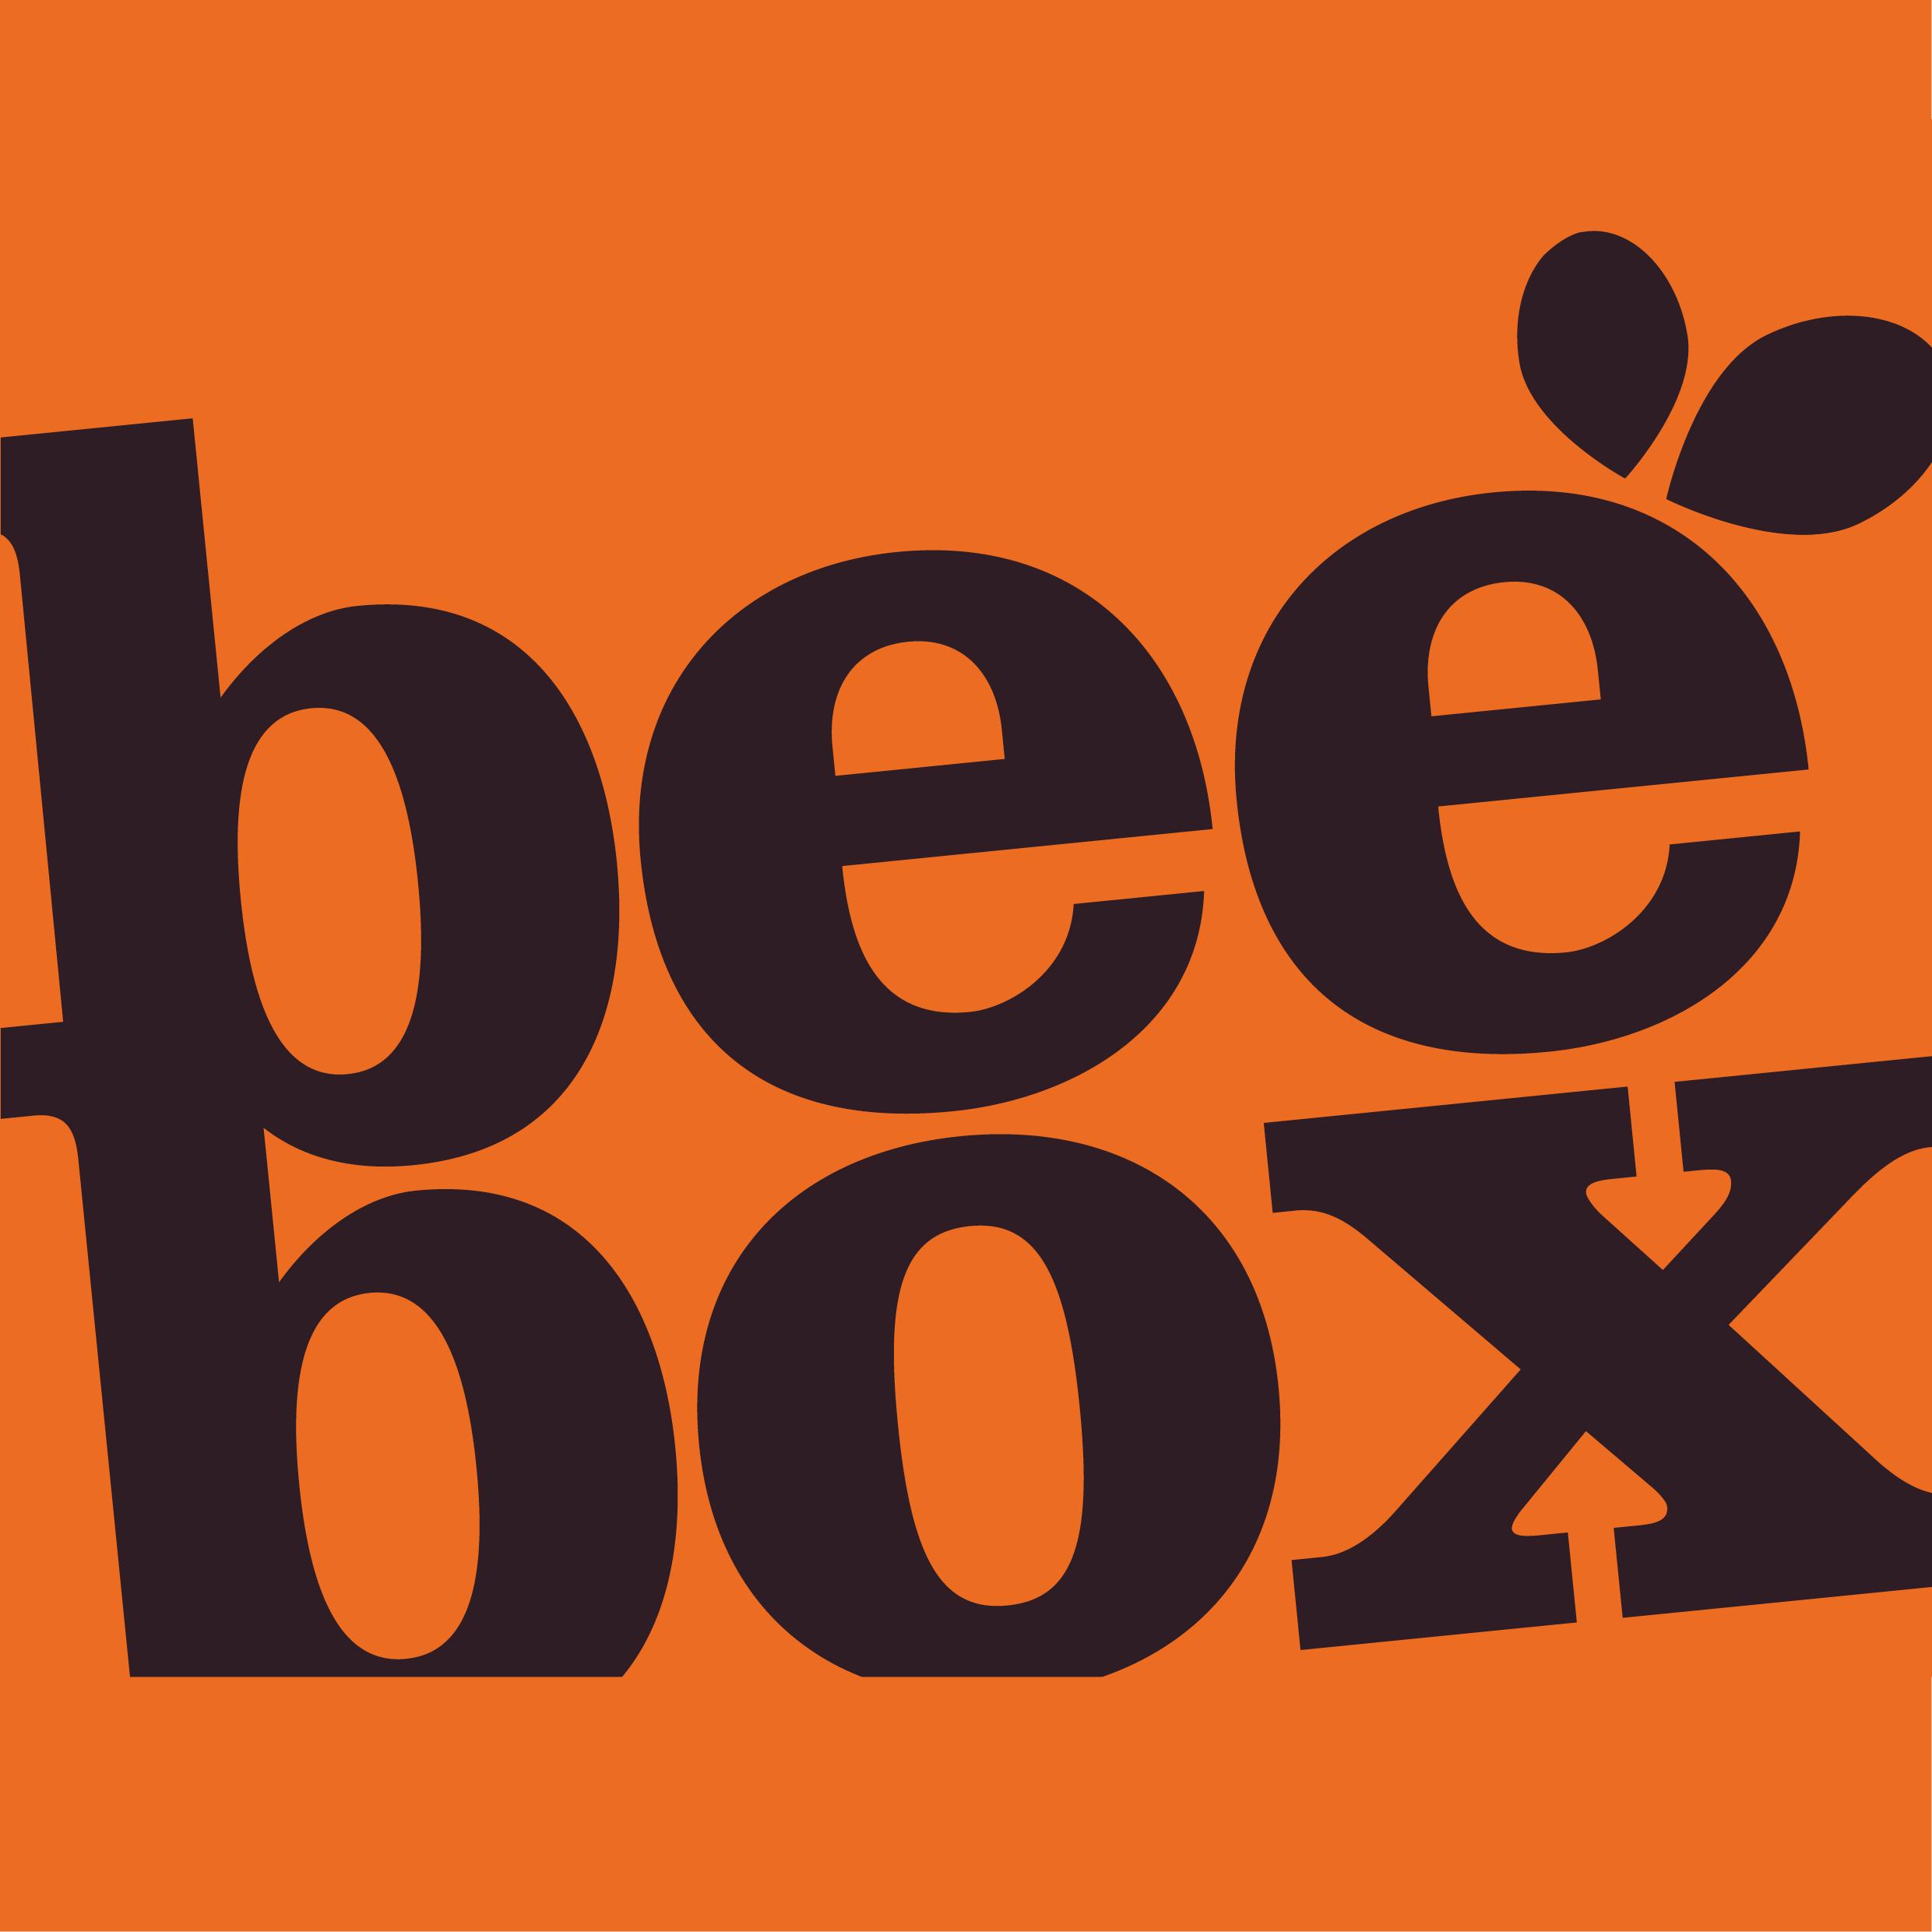 logo-beebox